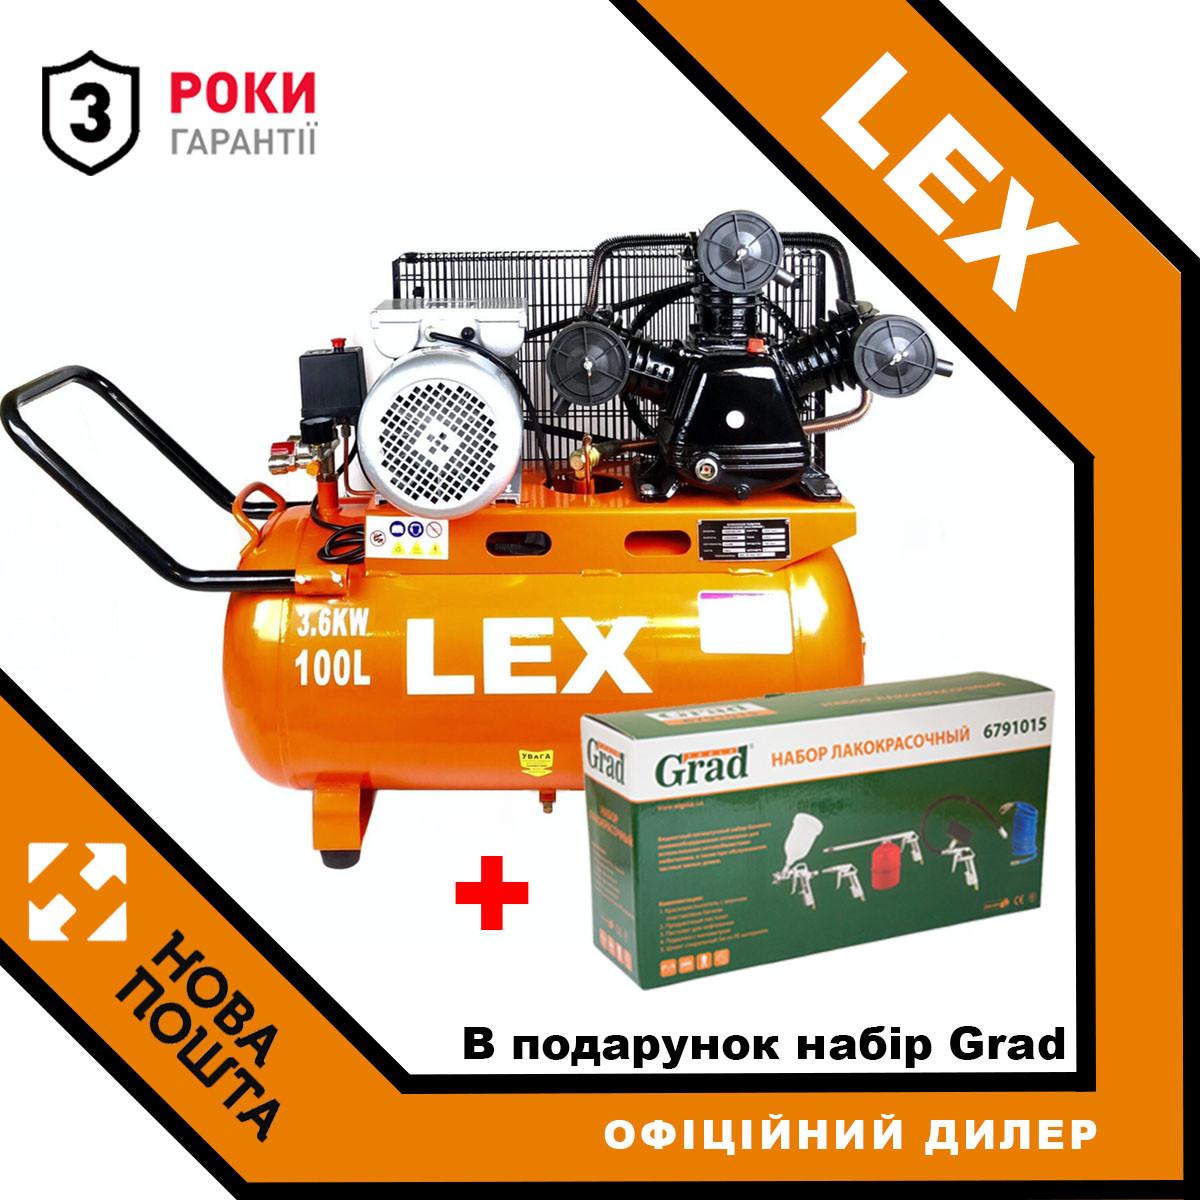 Повітряний компресор LEX LXAC365-100 + Набір лакофарбовий 5шт з/б GRAD (6791015)